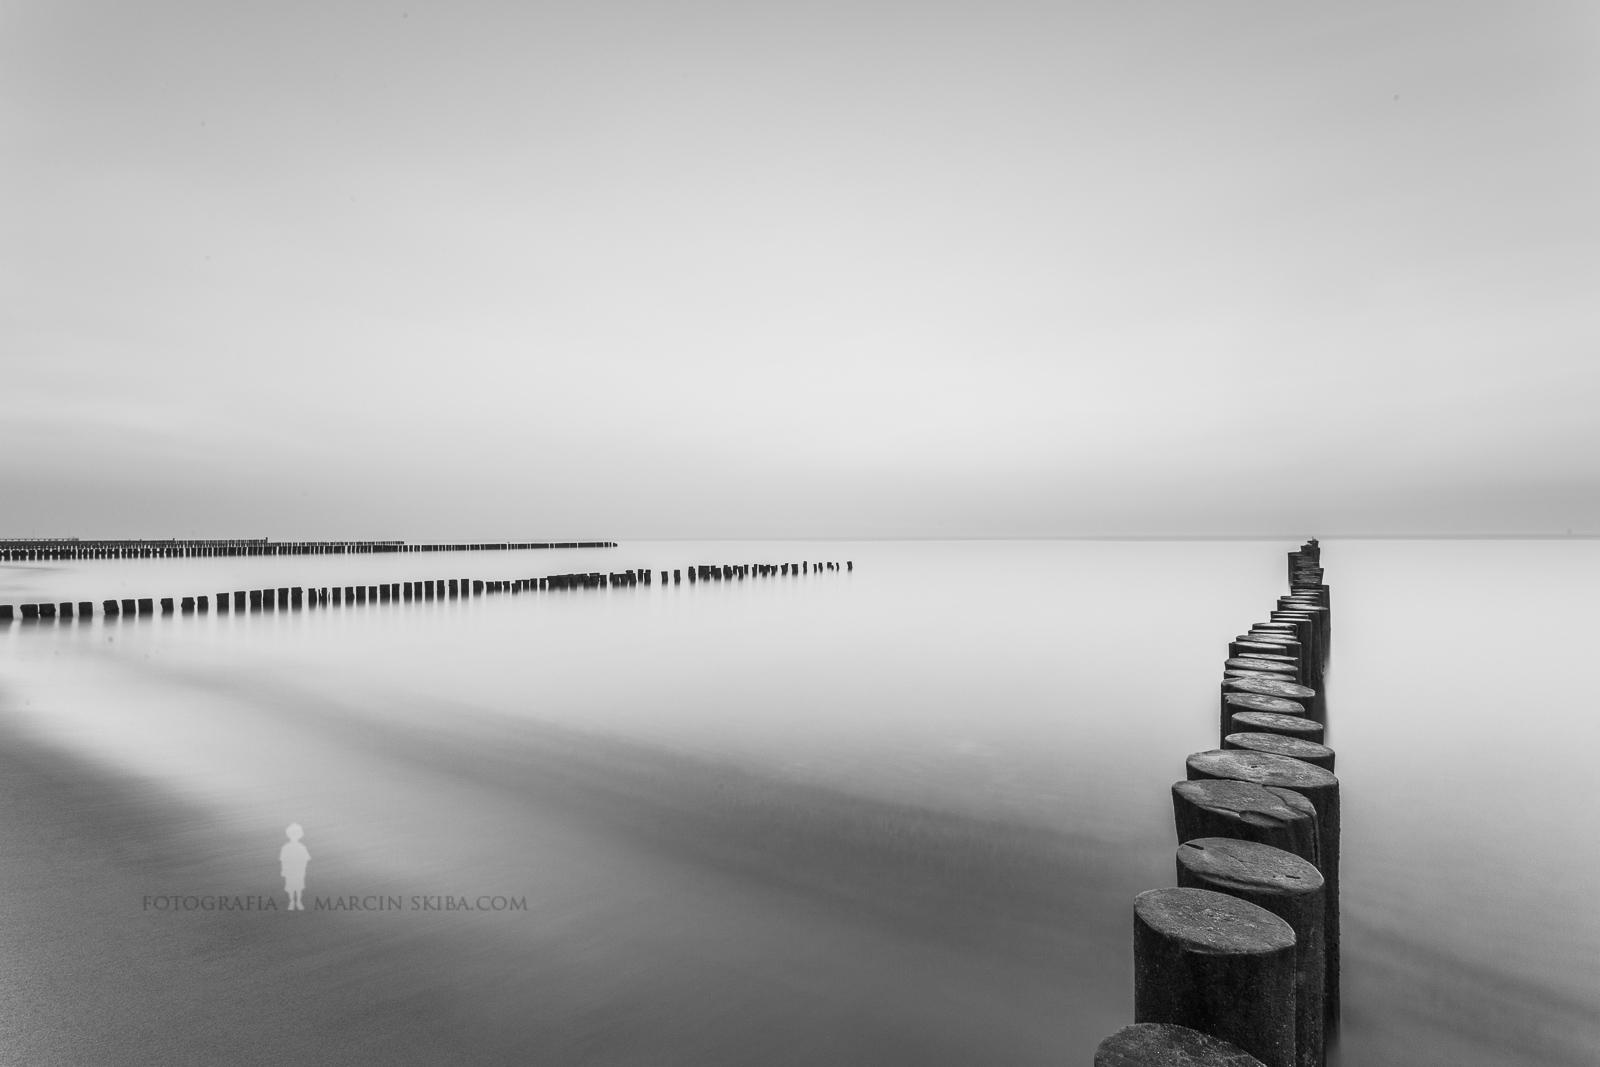 Bałtyk-Morze-Bałtyckie-Ustronie-Morskie-11